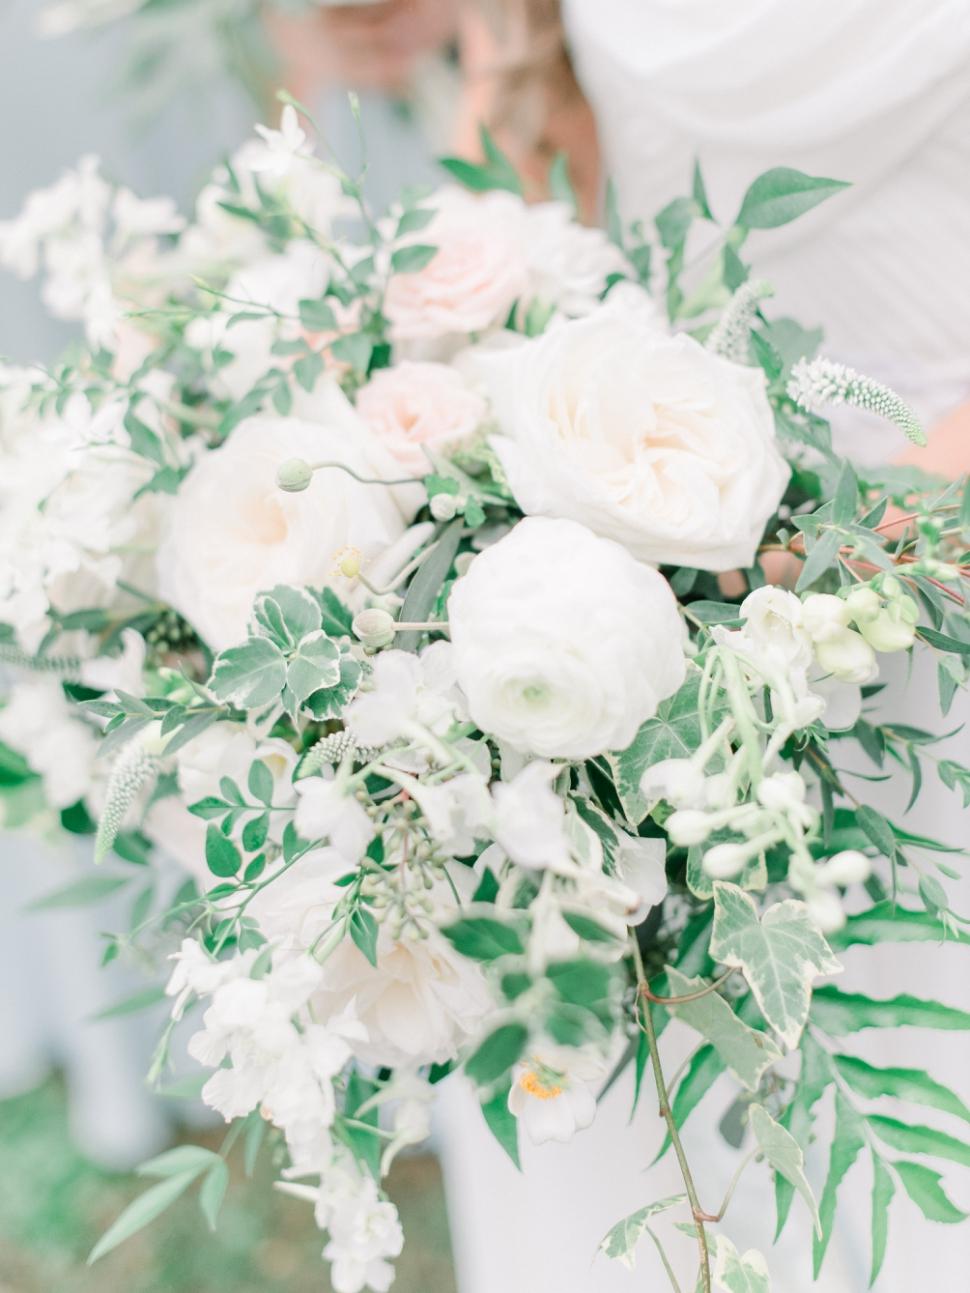 New-Jersey-Wedding-Photographer-Cassi-Claire-Inn-at-Fernbrook-Farms-Wedding_13.jpg